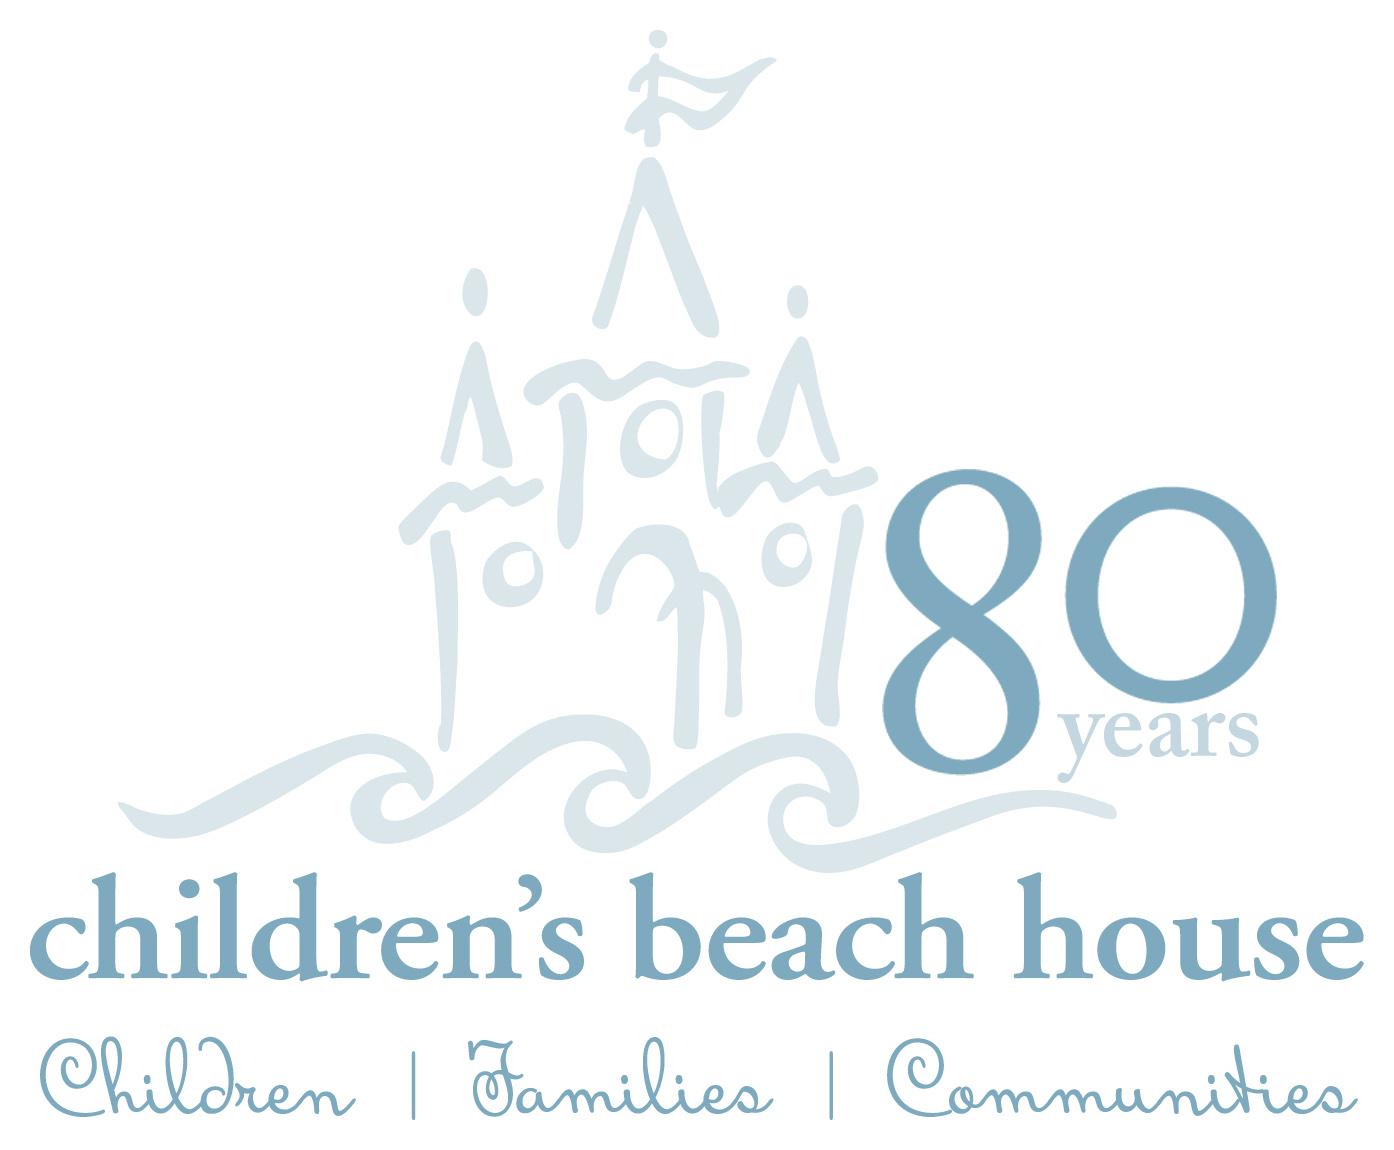 Children's Beach House